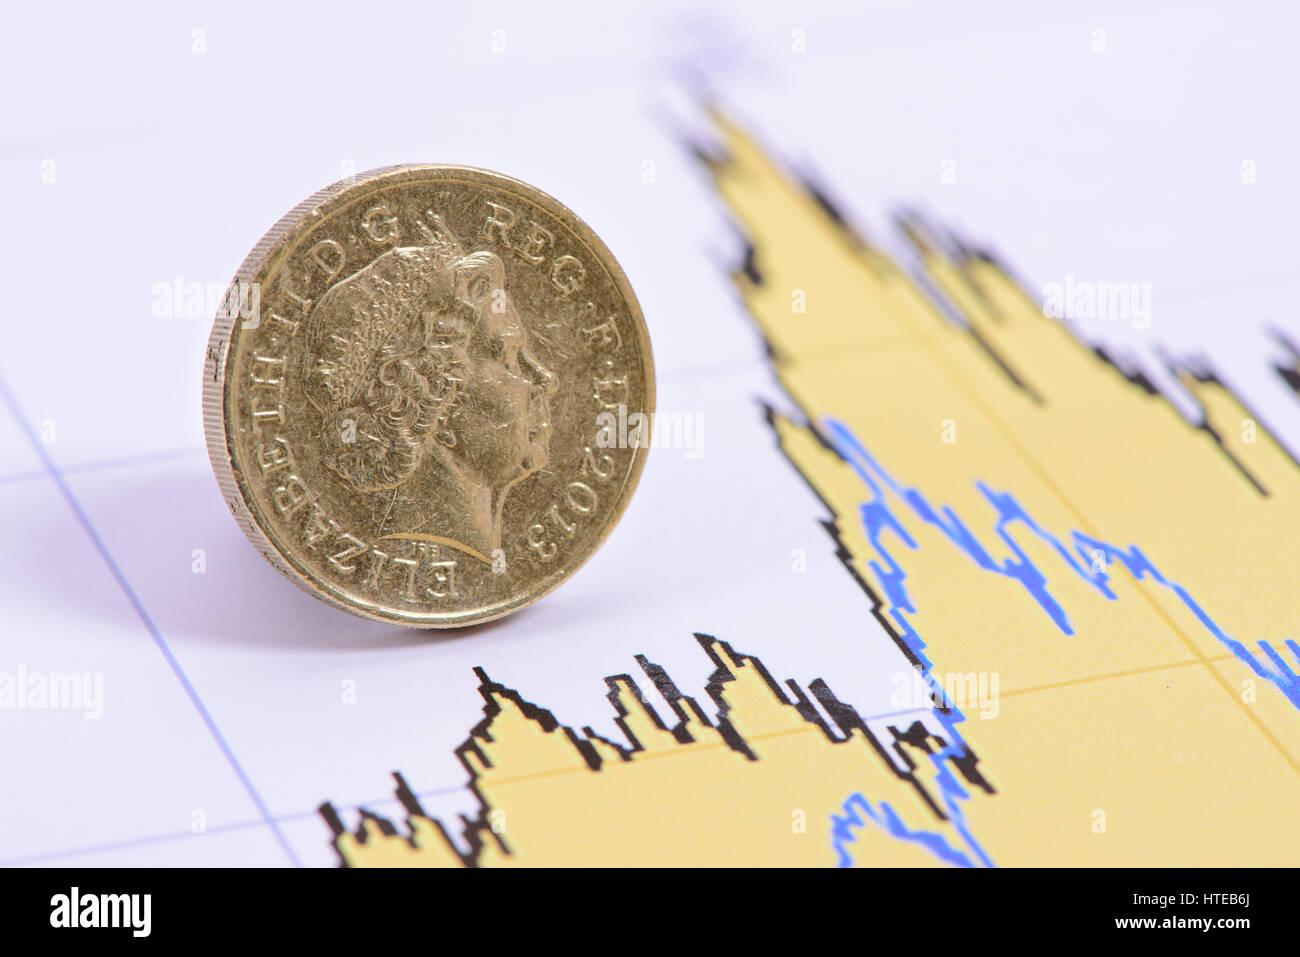 Pound Münze Von England Währung Festlegung In Der Tabelle Von